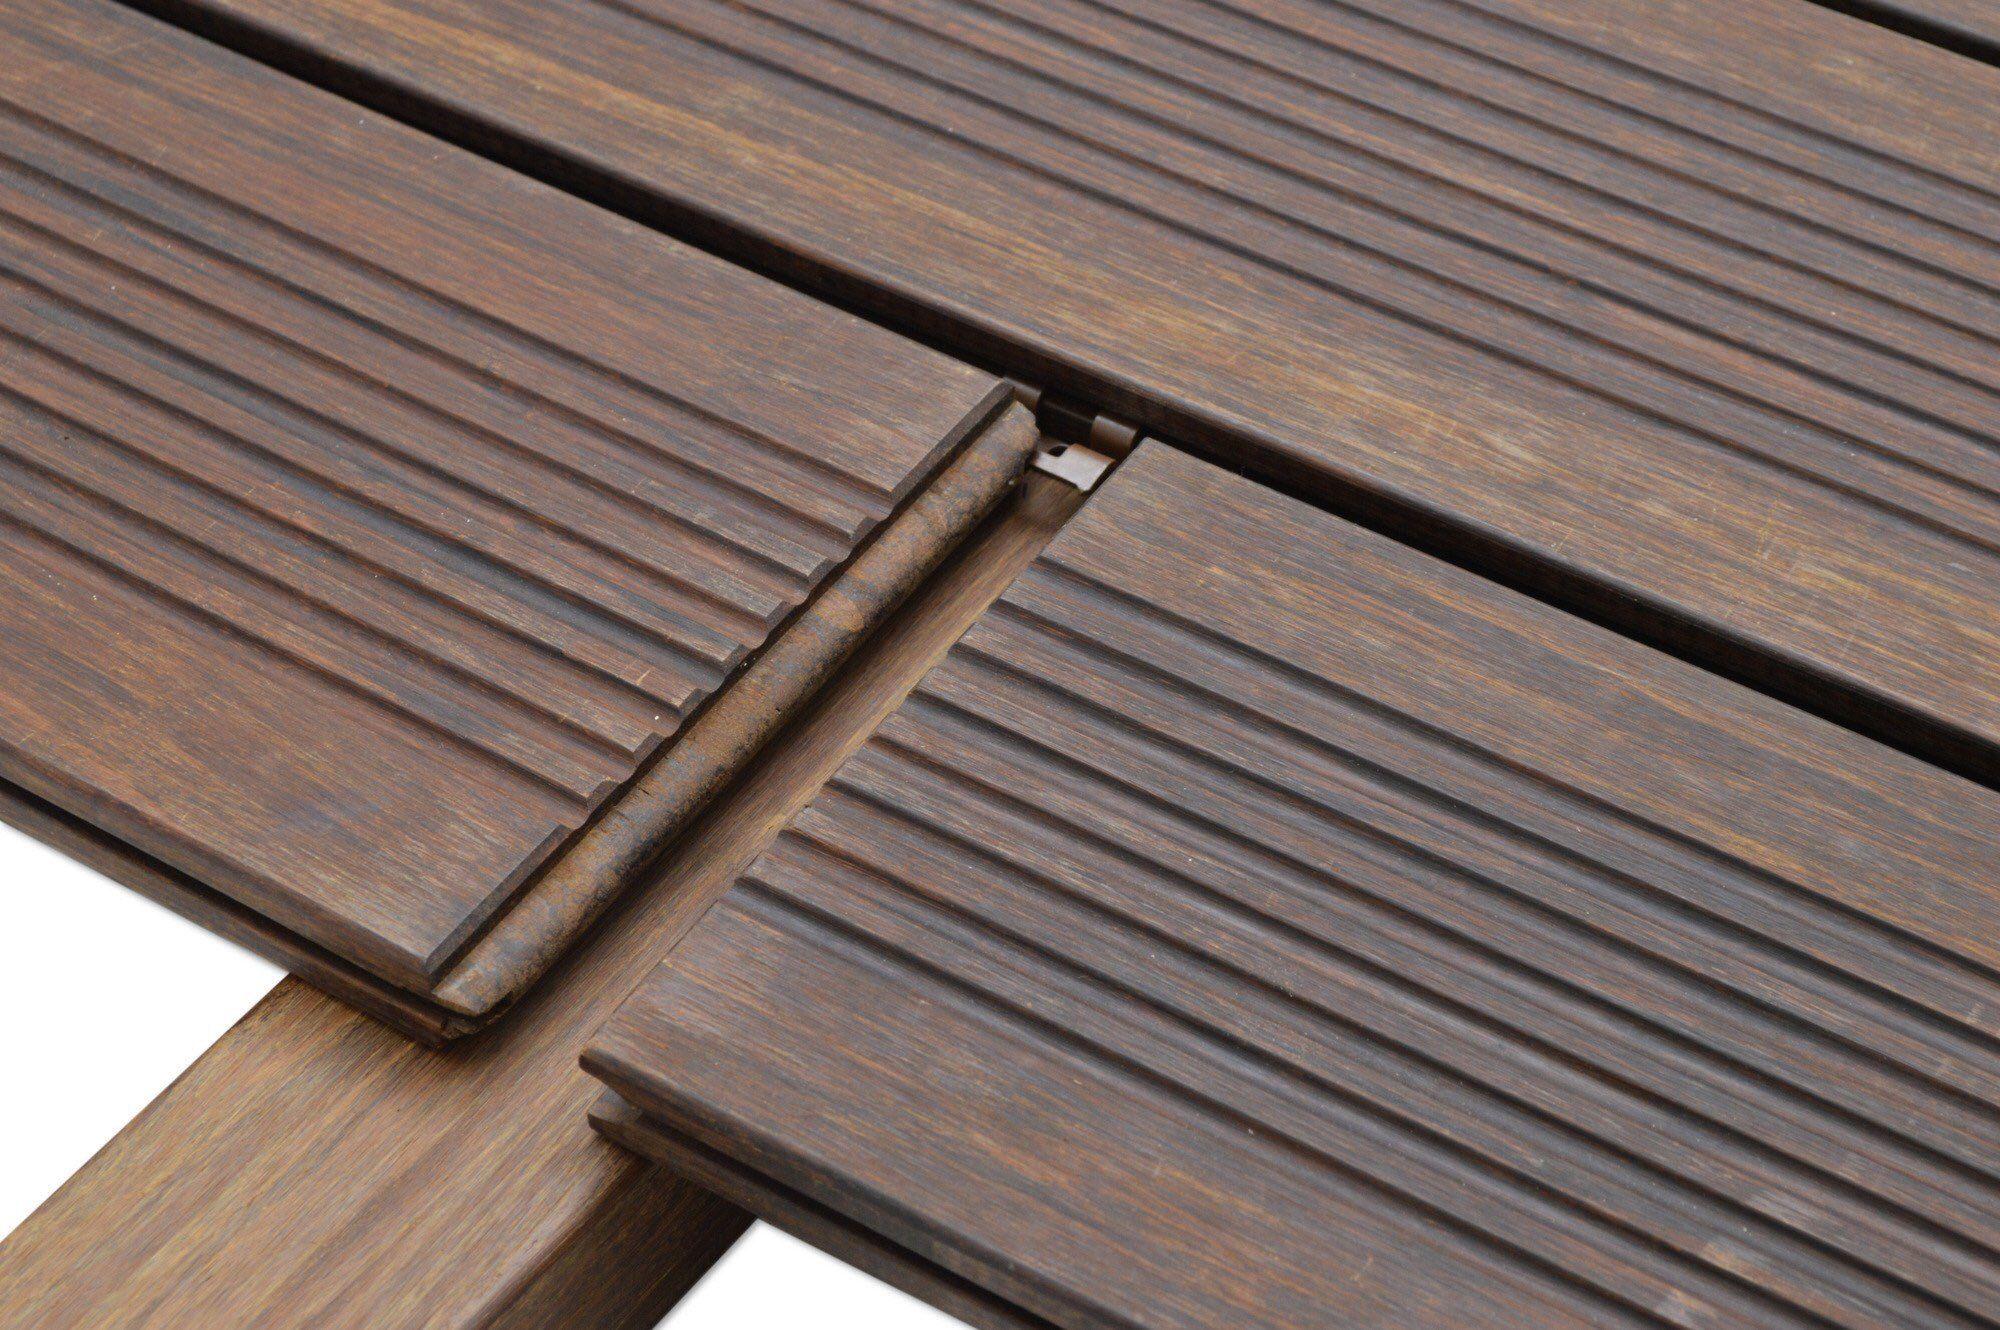 venez d couvrir les lames de terrasse moso bamboo x treme abacasalome routedumeuble rennes. Black Bedroom Furniture Sets. Home Design Ideas